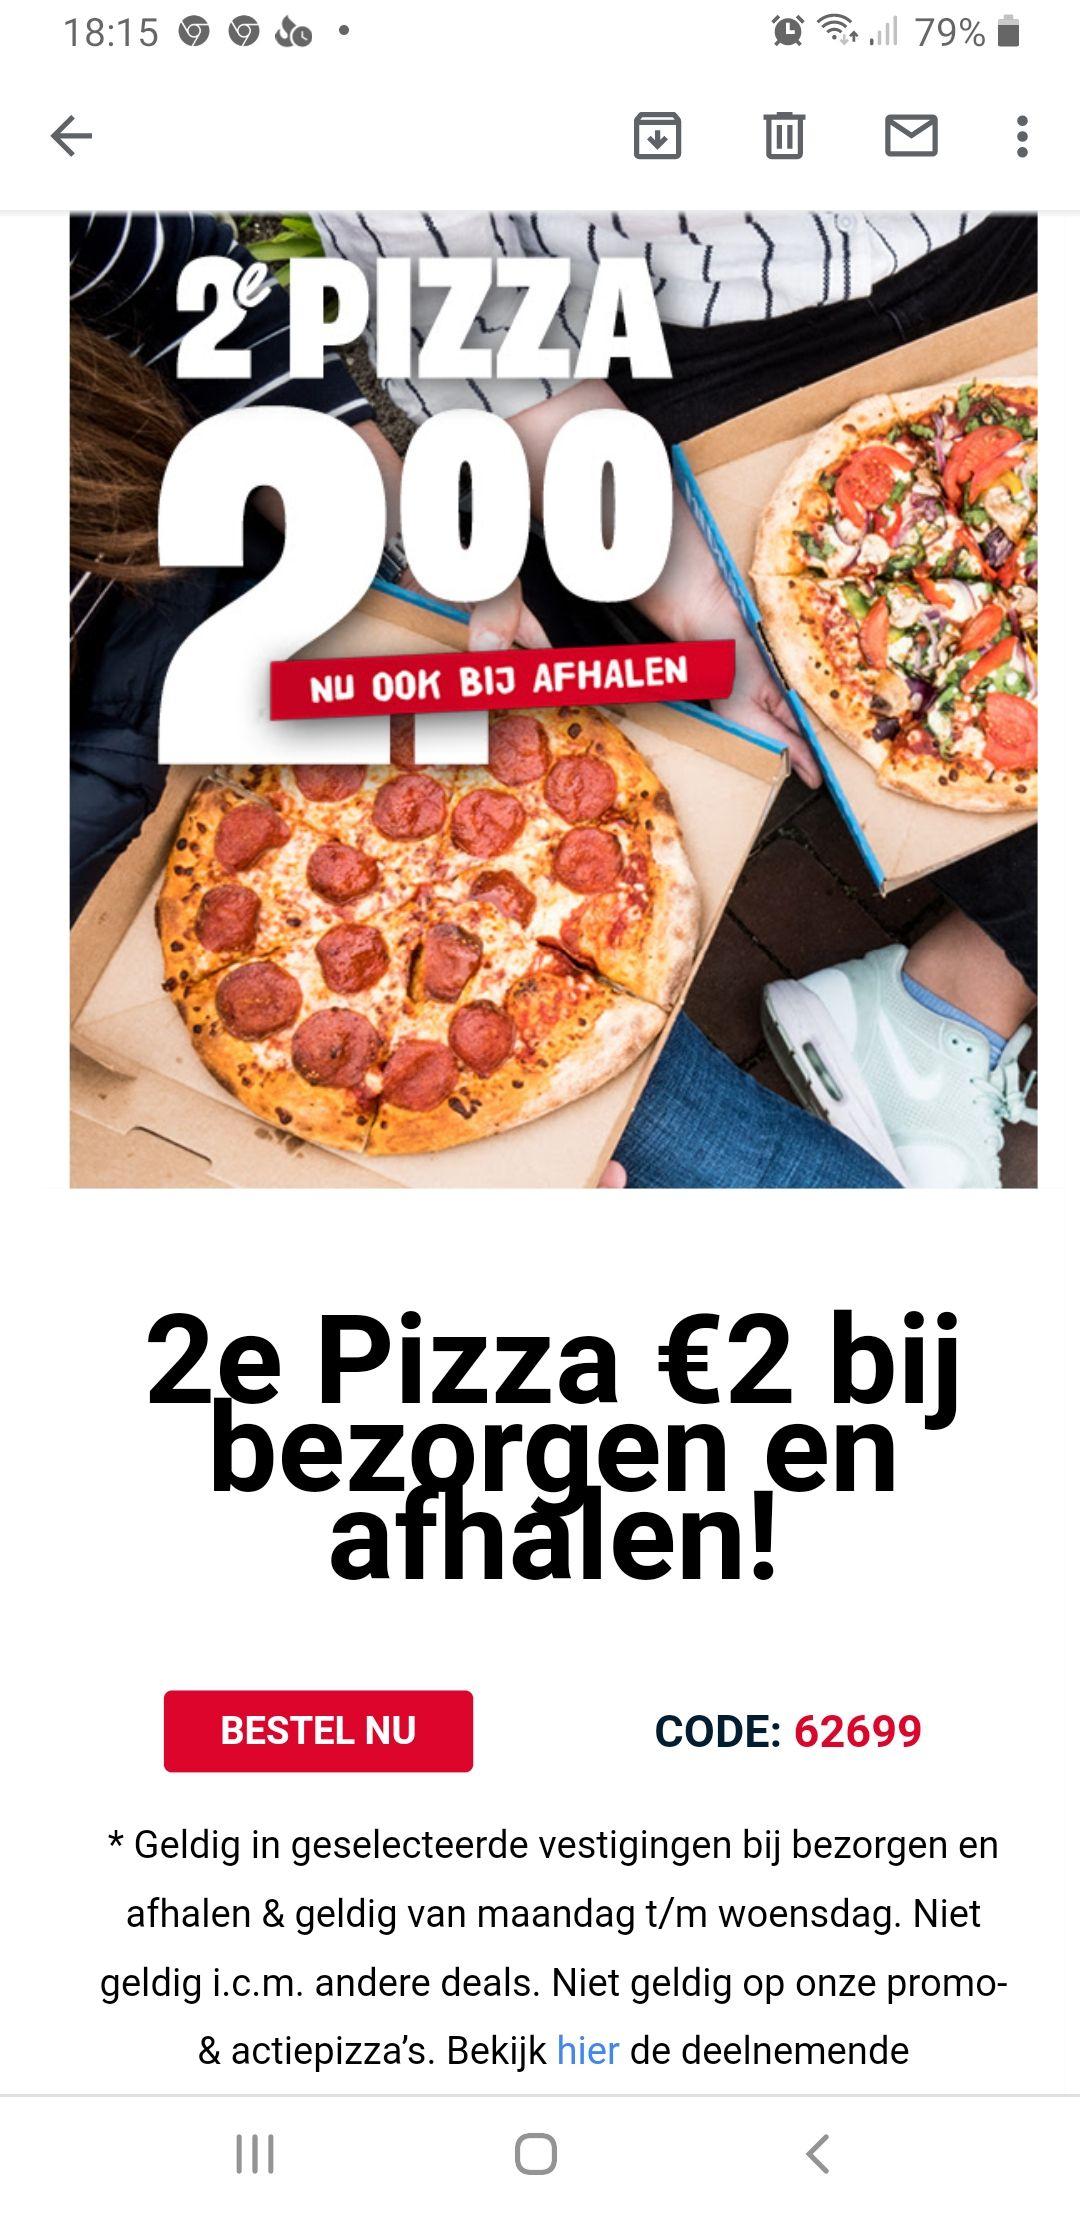 2e Pizza €2 bij bezorgen en afhalen @Domino's